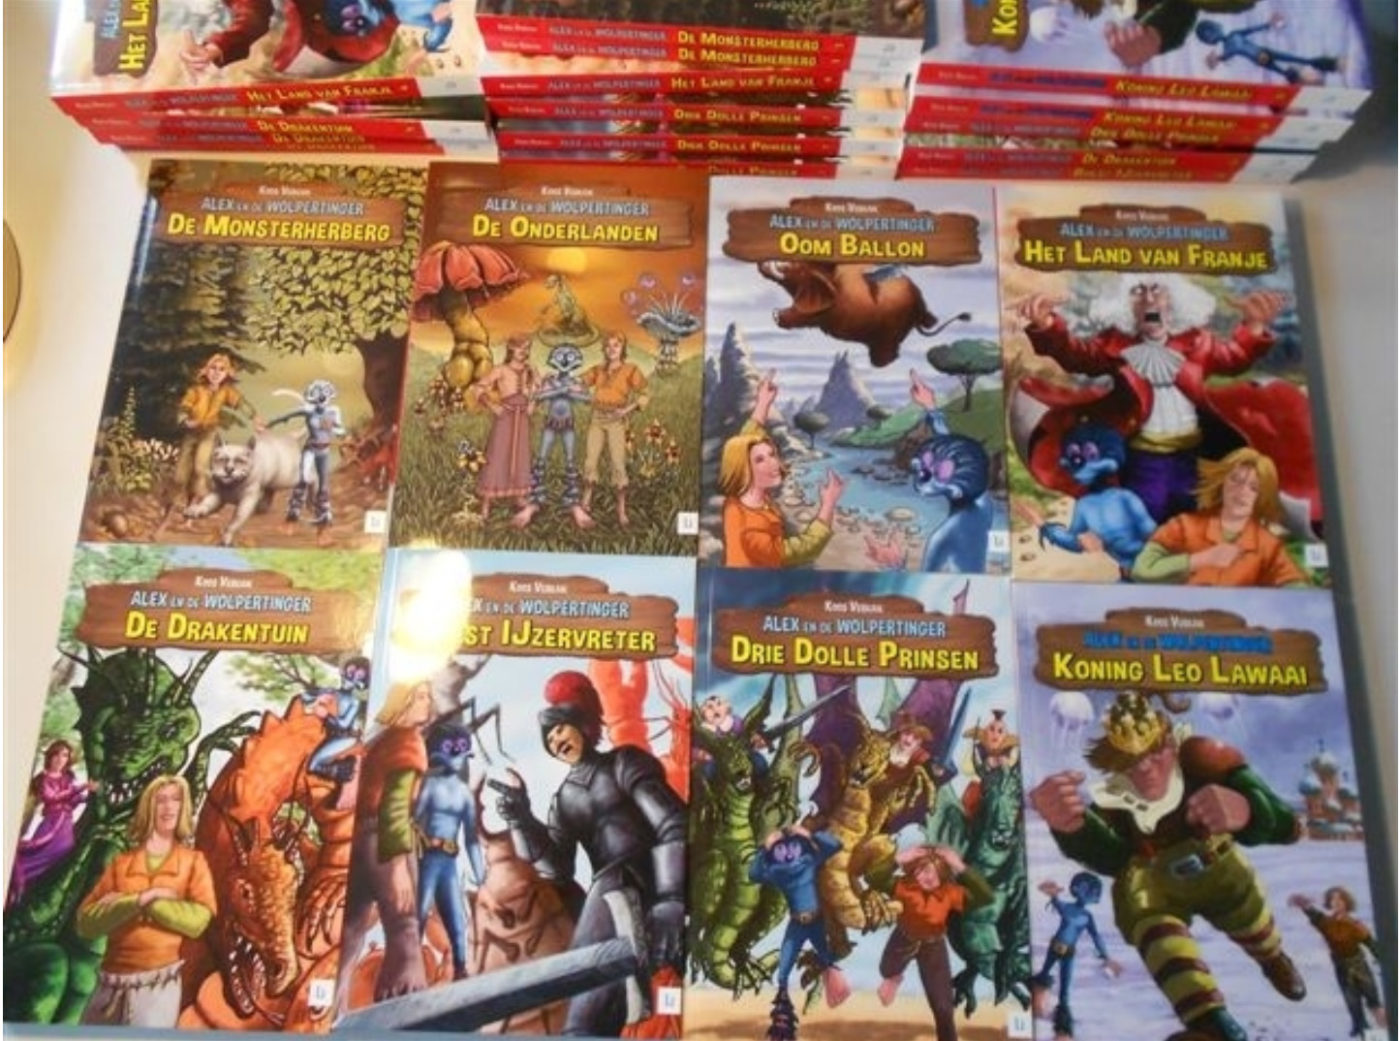 Koos Verkaik's books